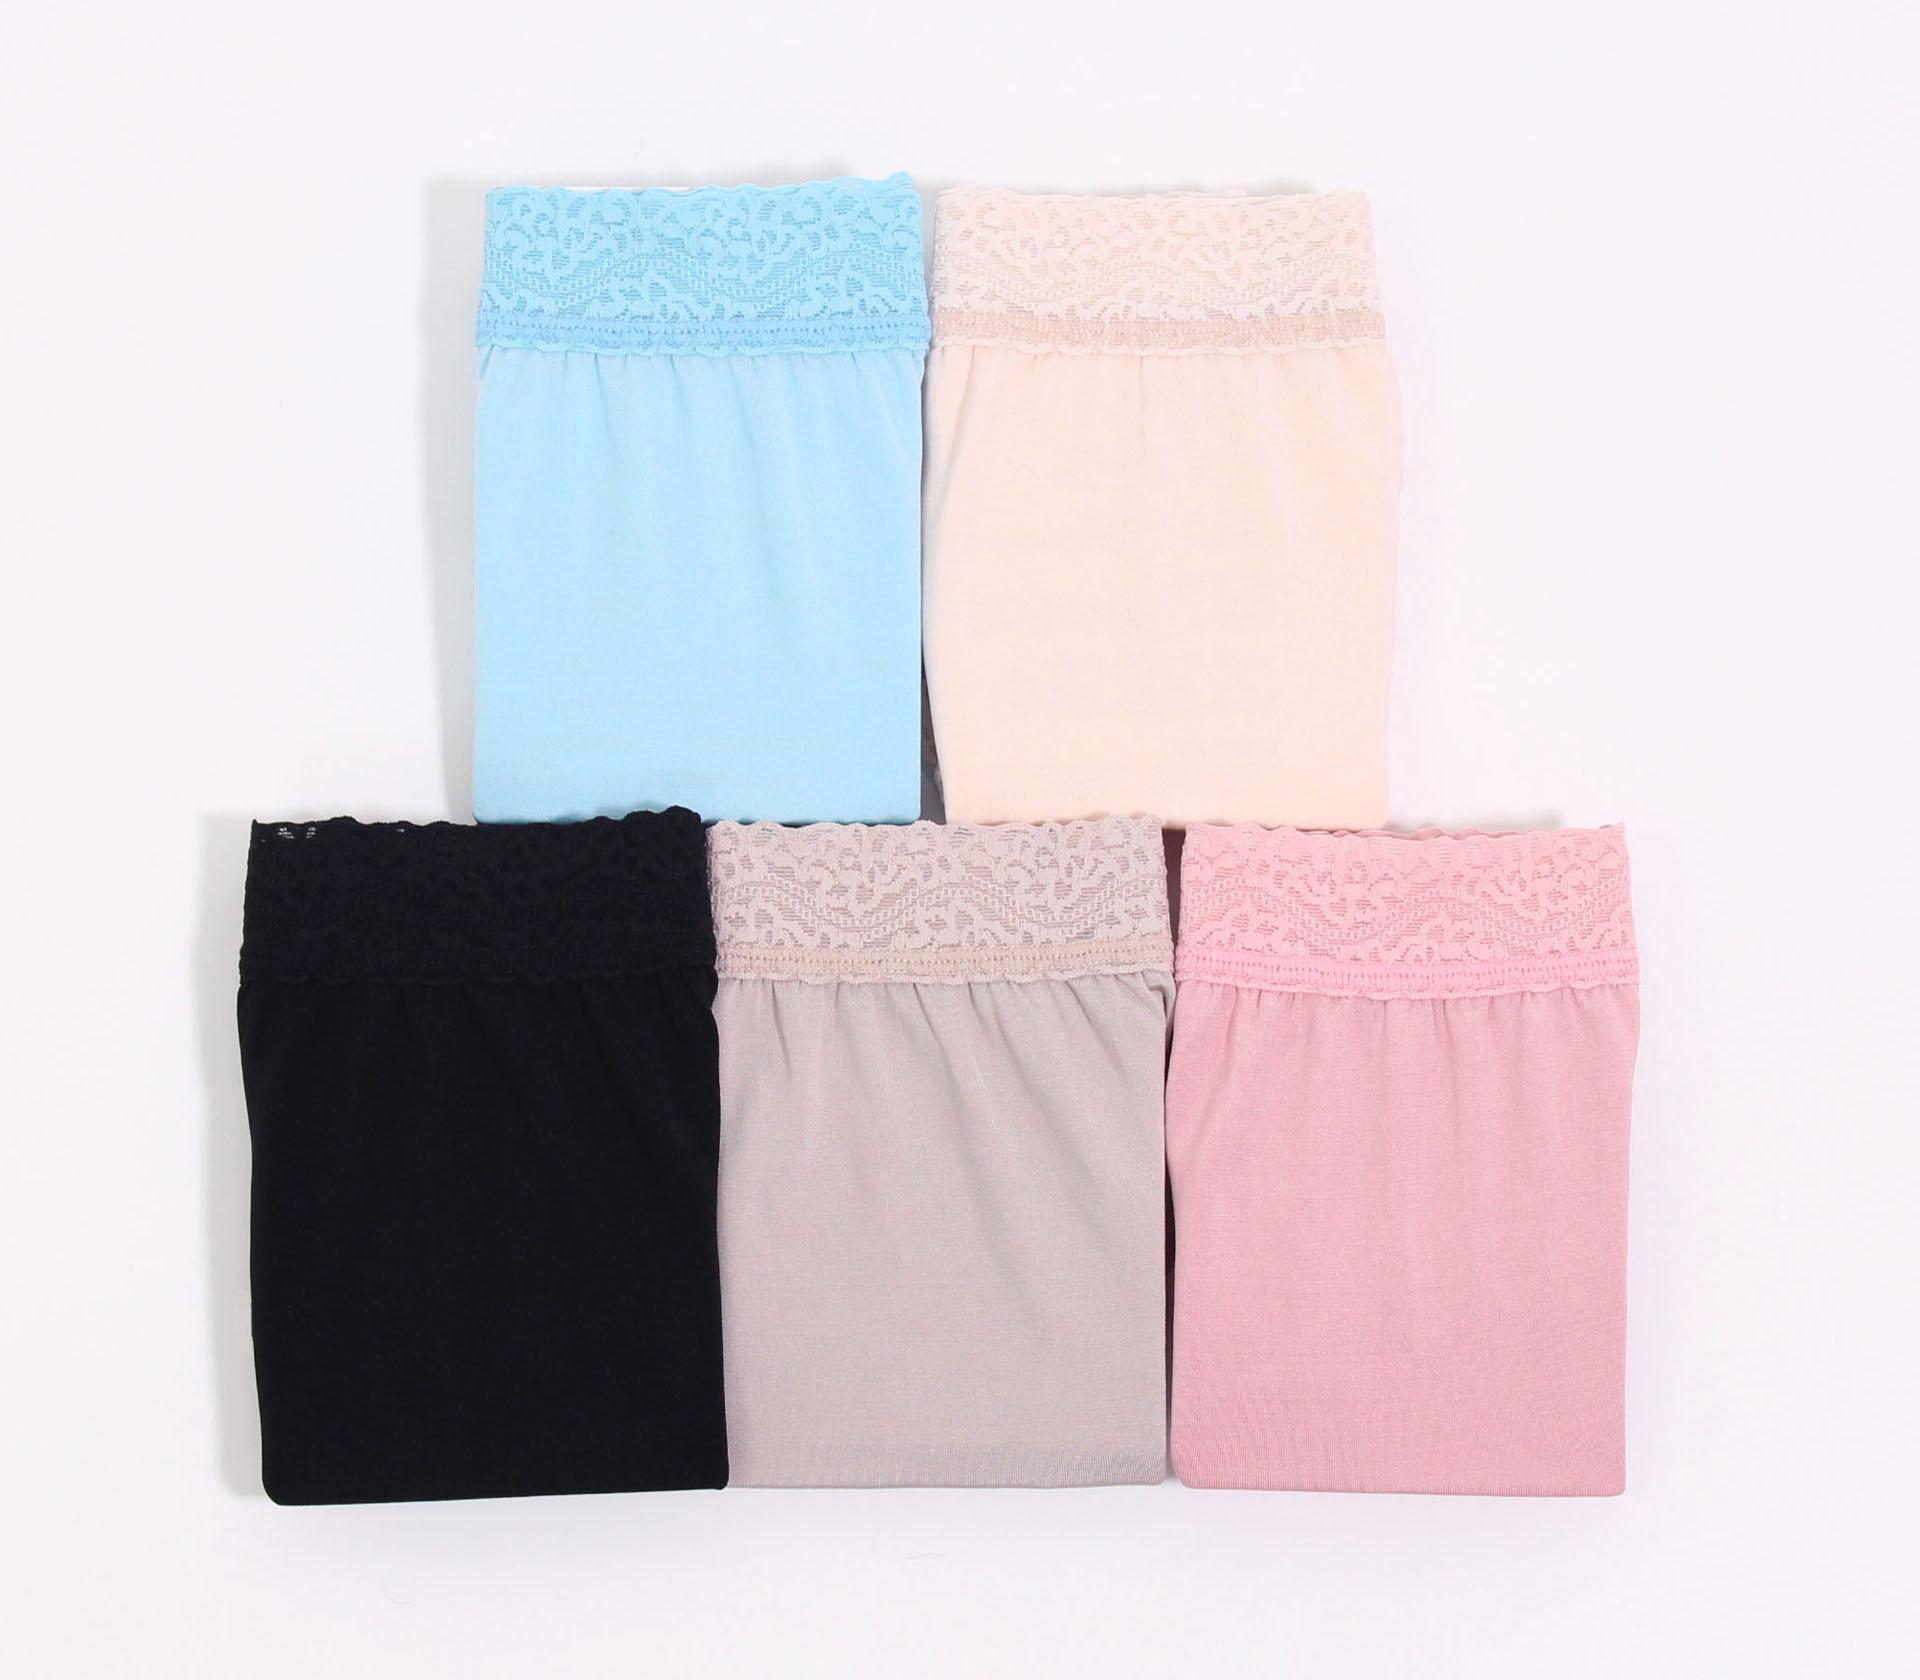 闕蘭絹典雅美人頂級40針『超高腰』包覆100%蠶絲內褲五件組-8796